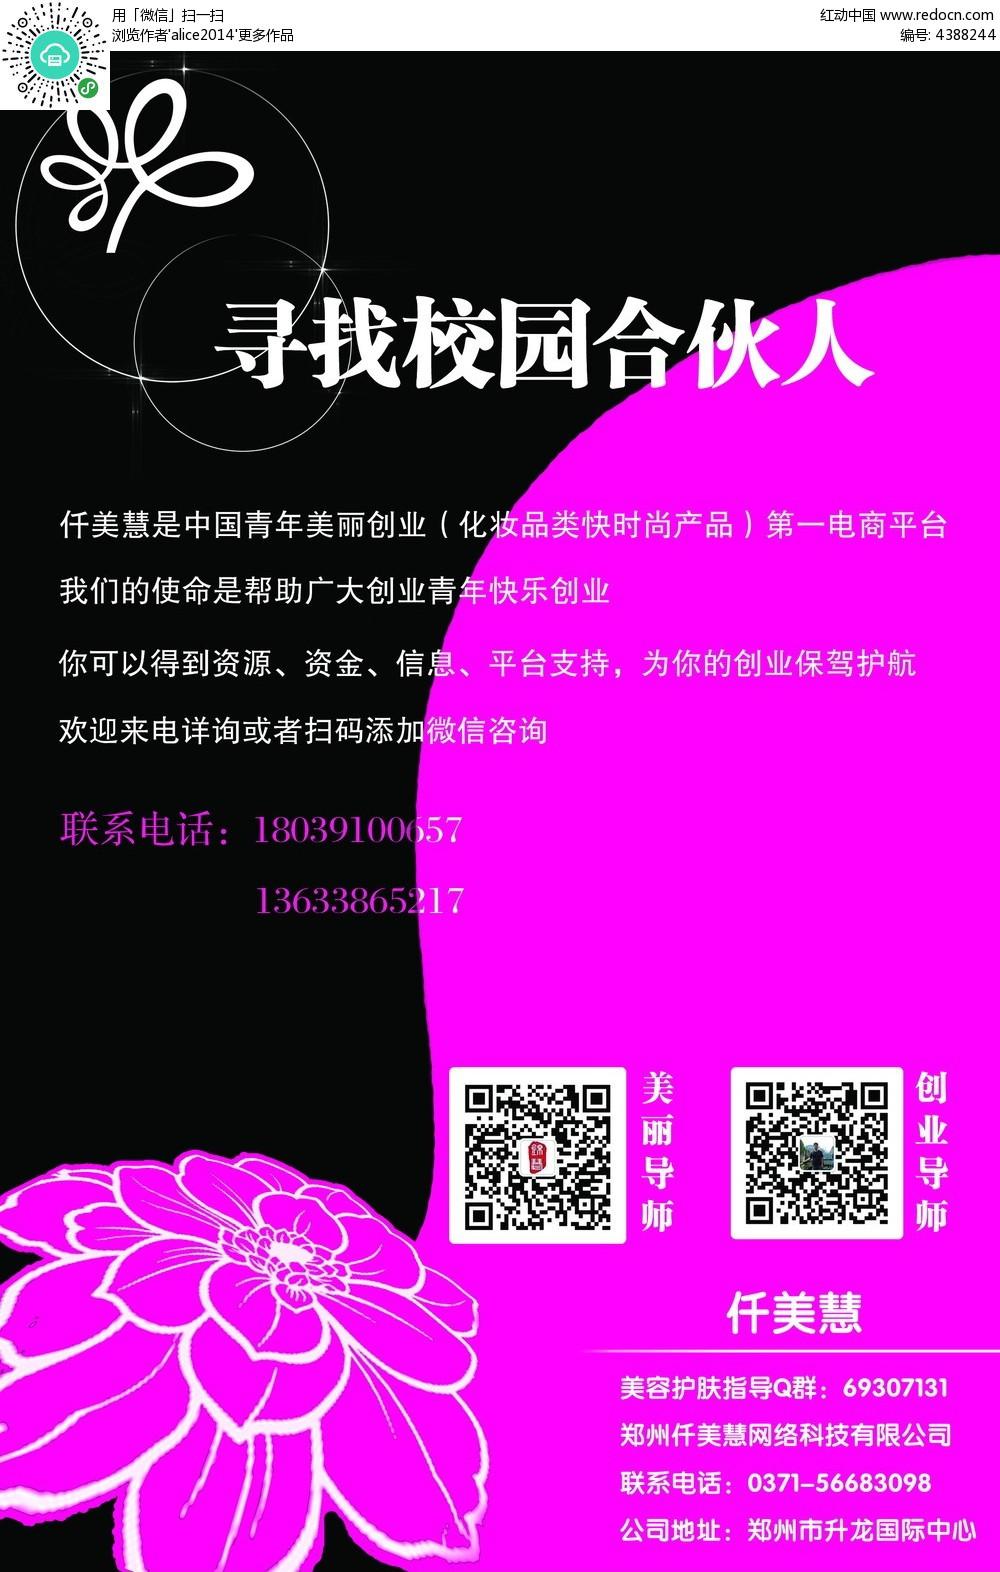 仟美慧校园招聘末日PSD免费下载_海报设计素的广告设计师图片